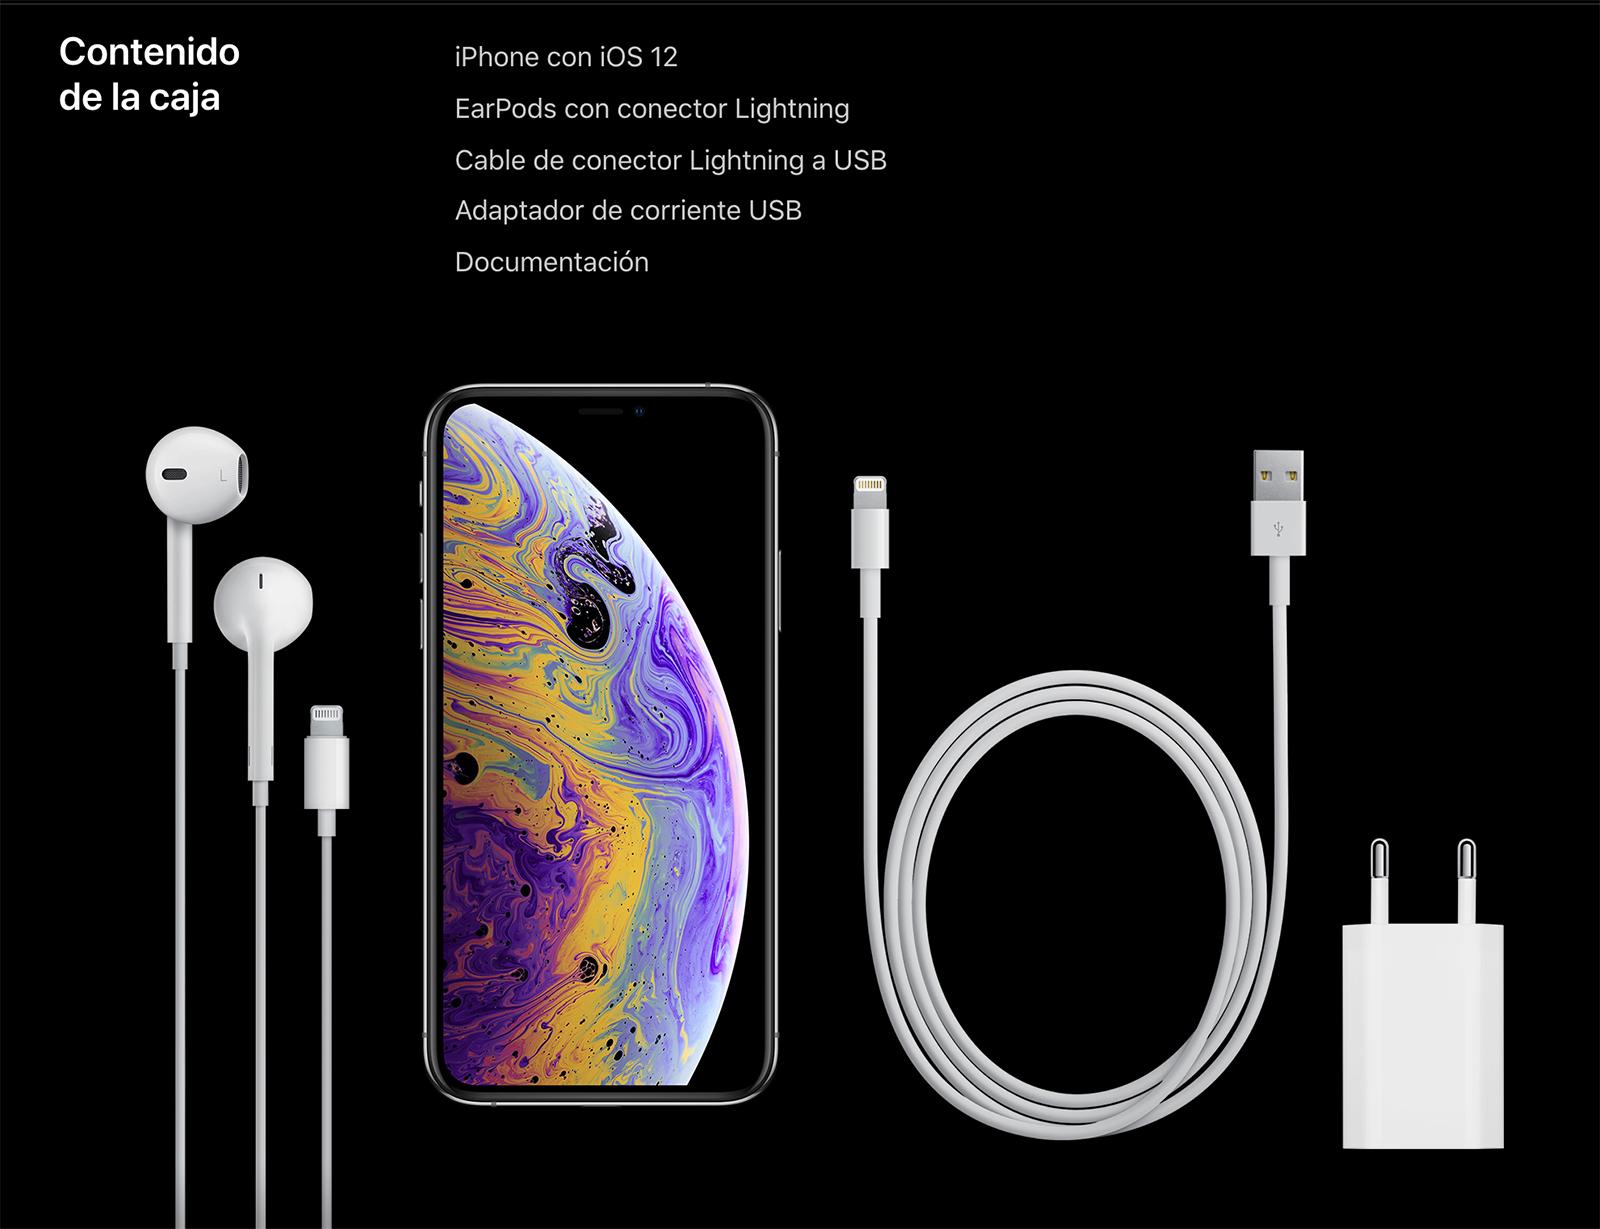 Accesorios que vienen con el iPhone XS y XS Max